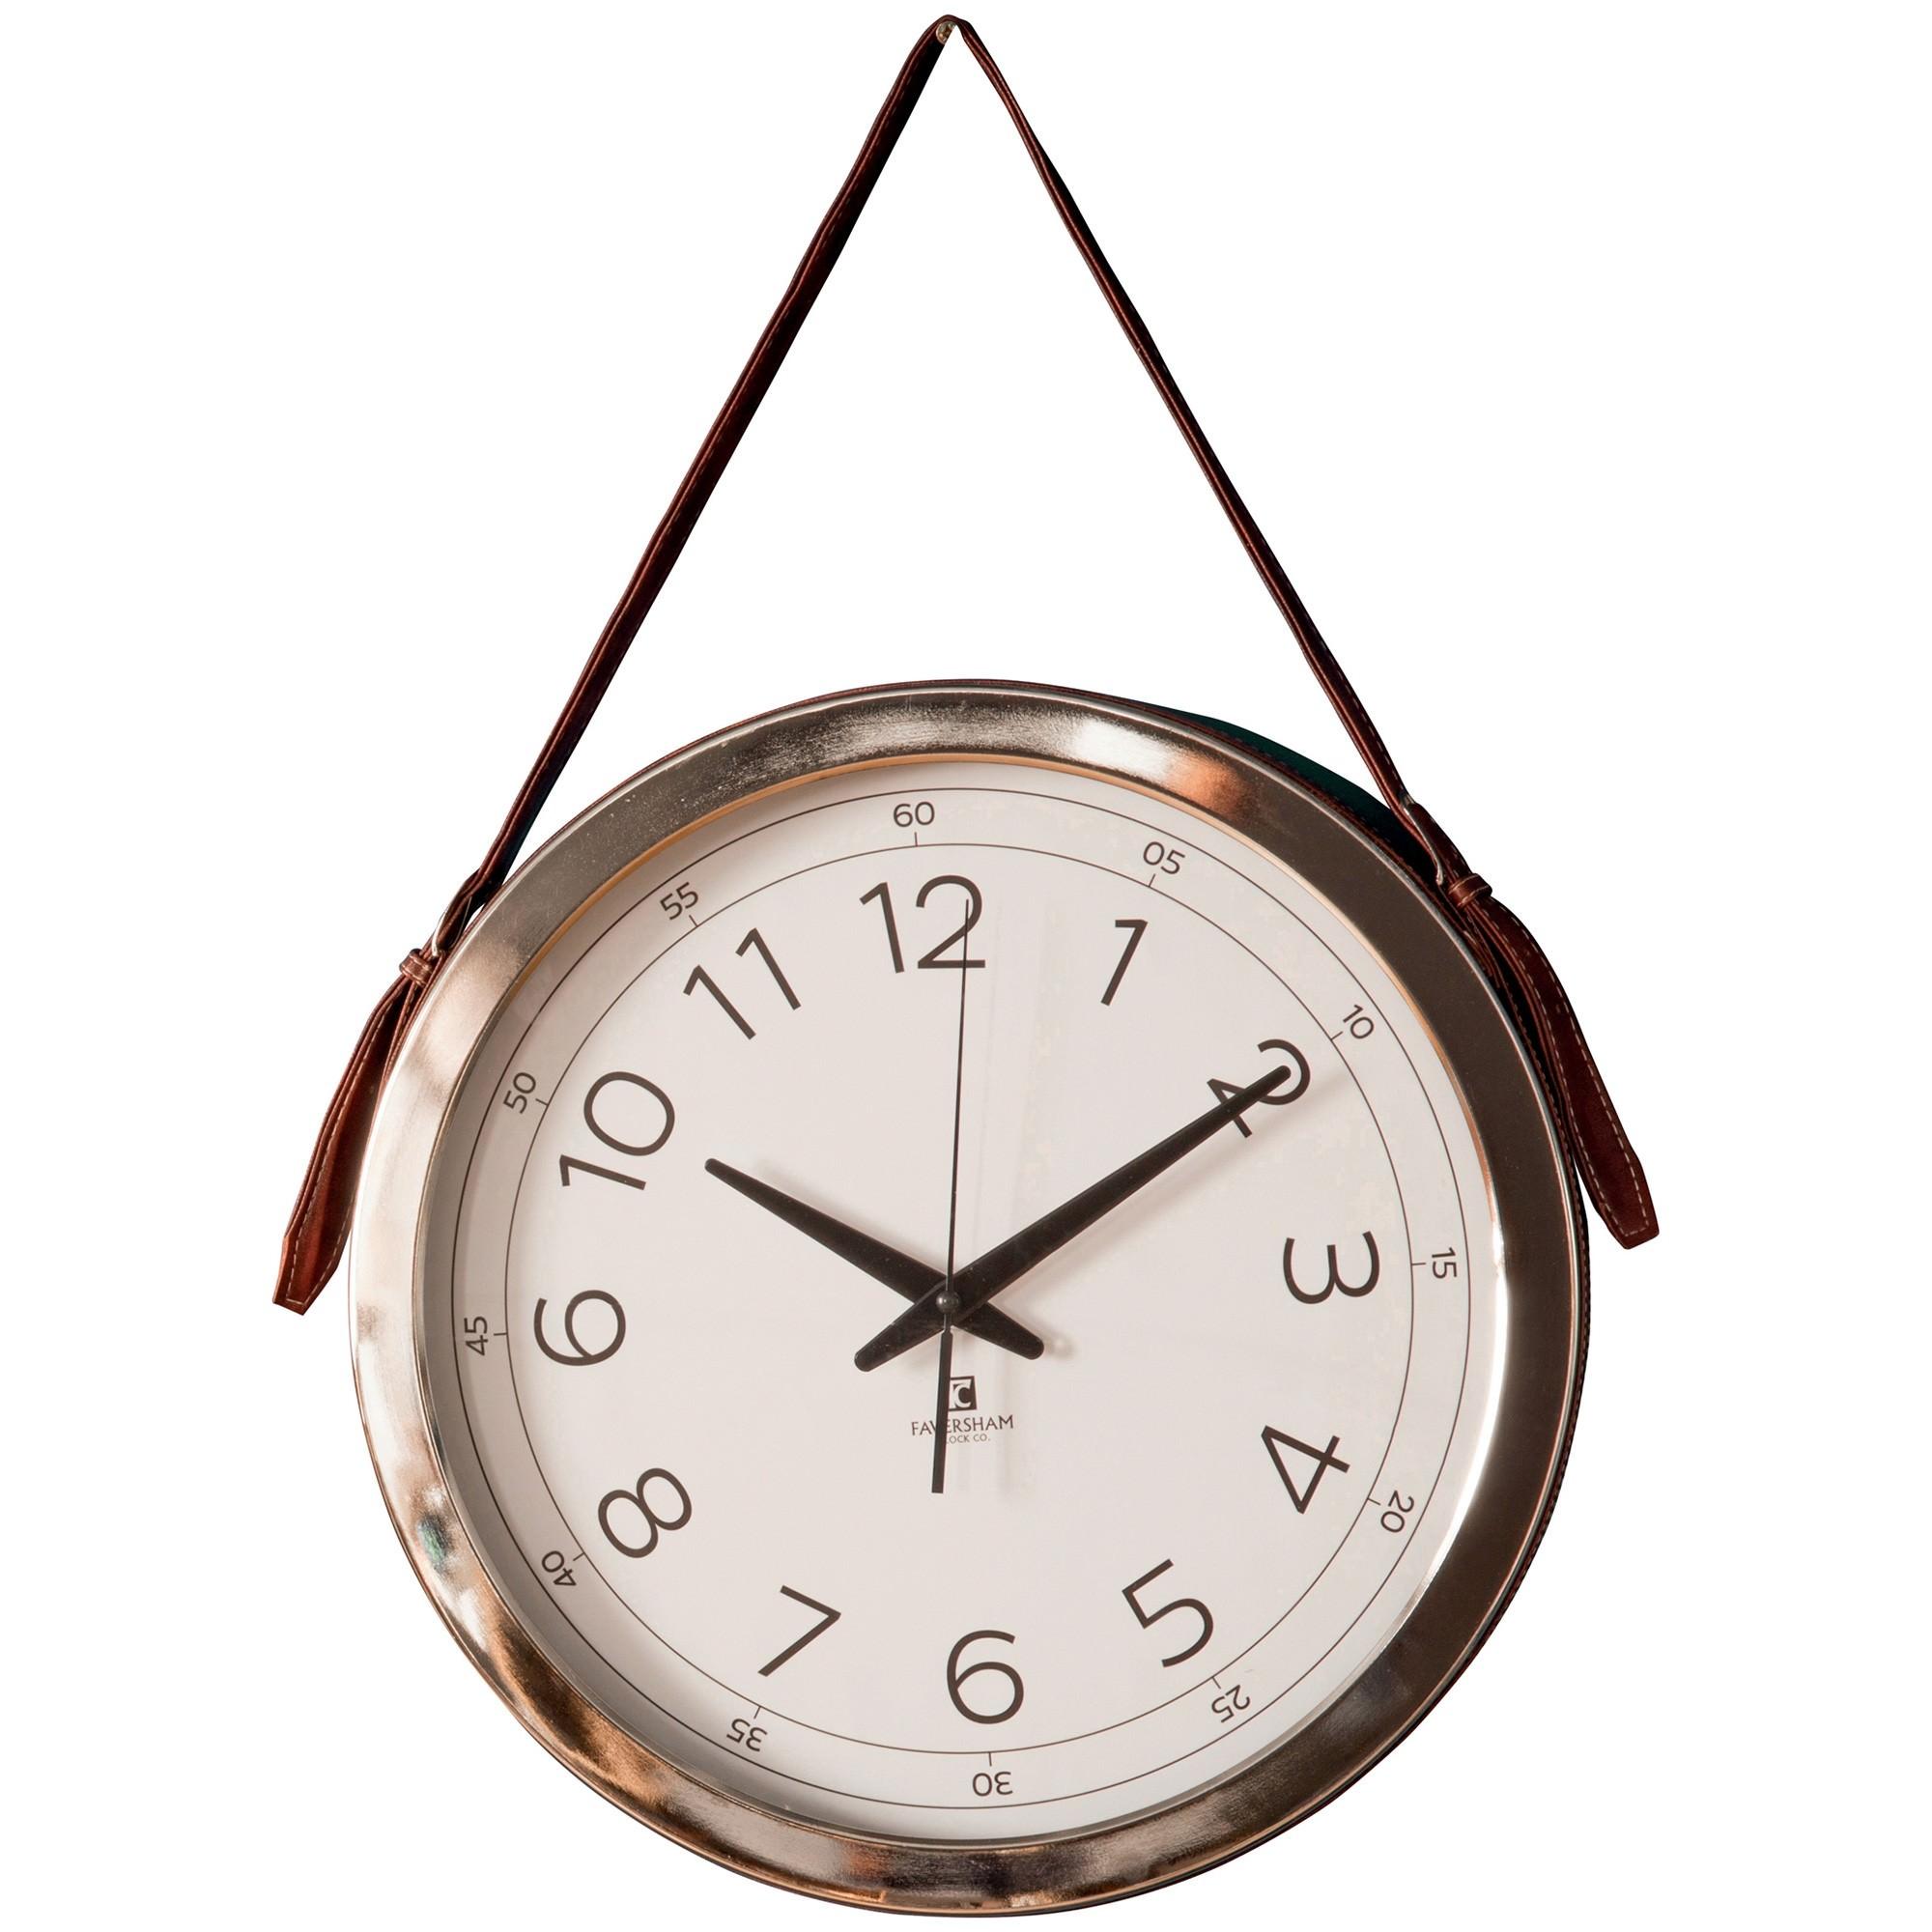 Yalding Metal Round Hanging Wall Clock, 40cm